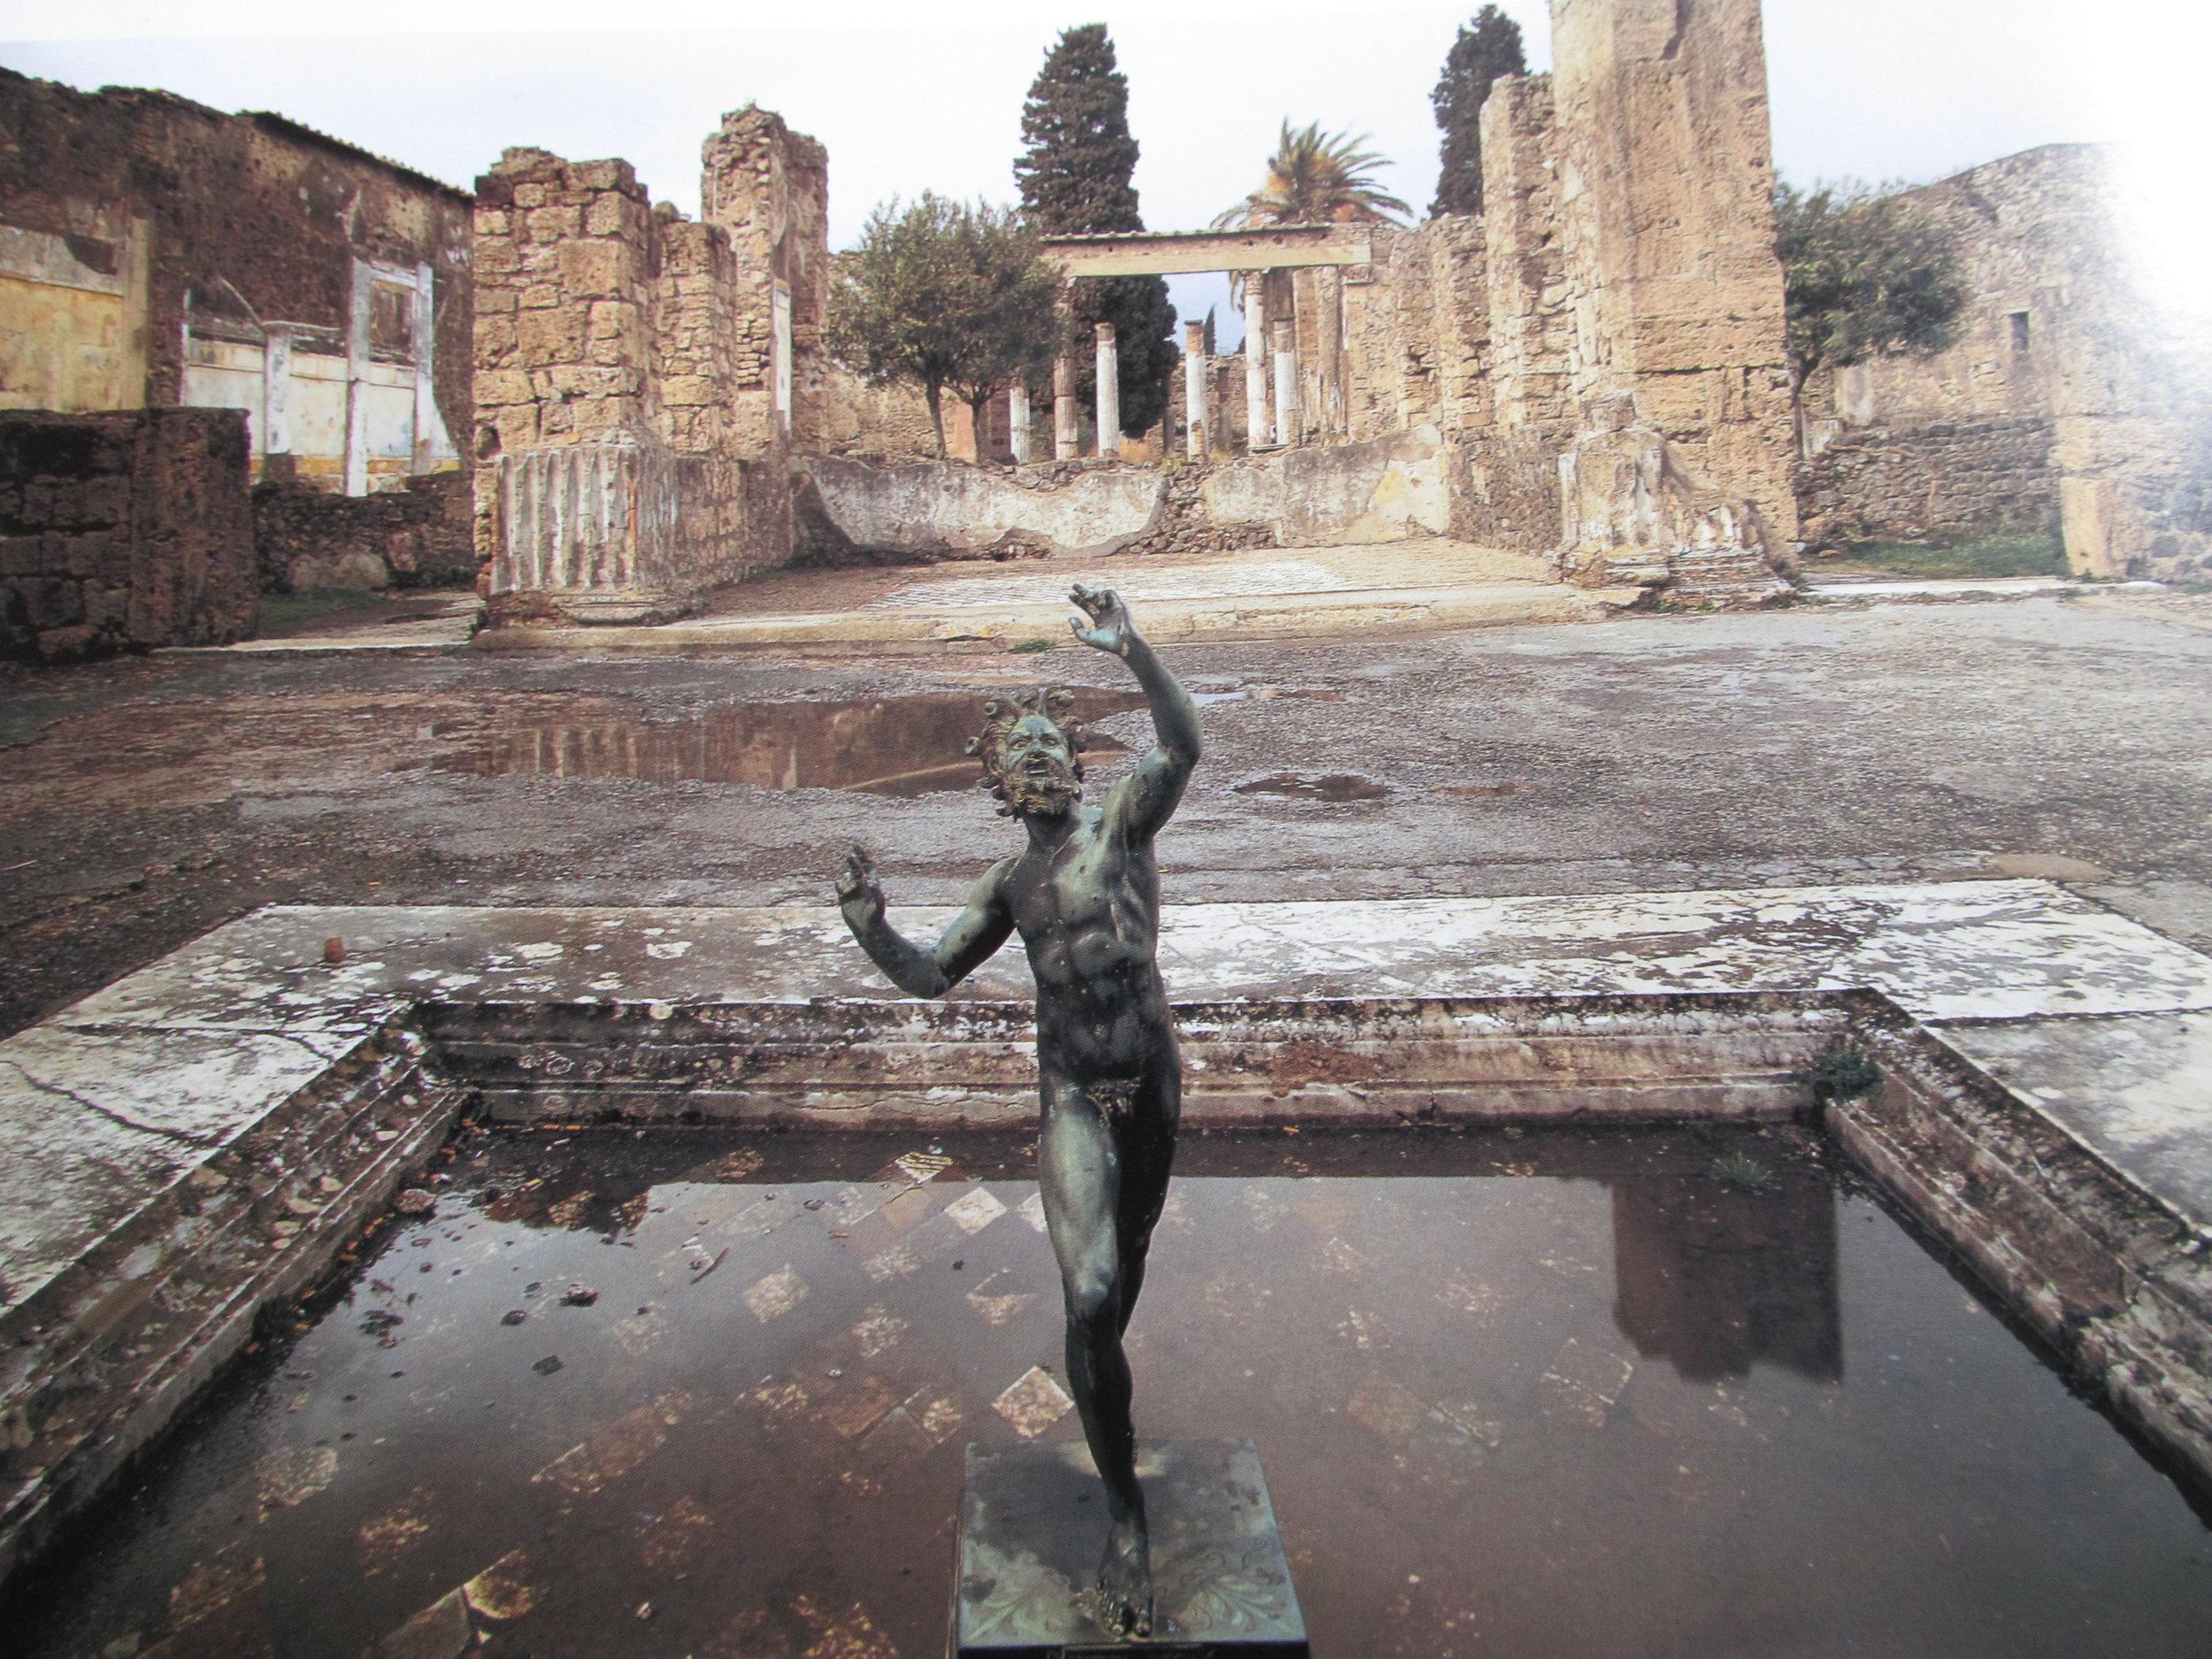 historia - pompeya -.jpg